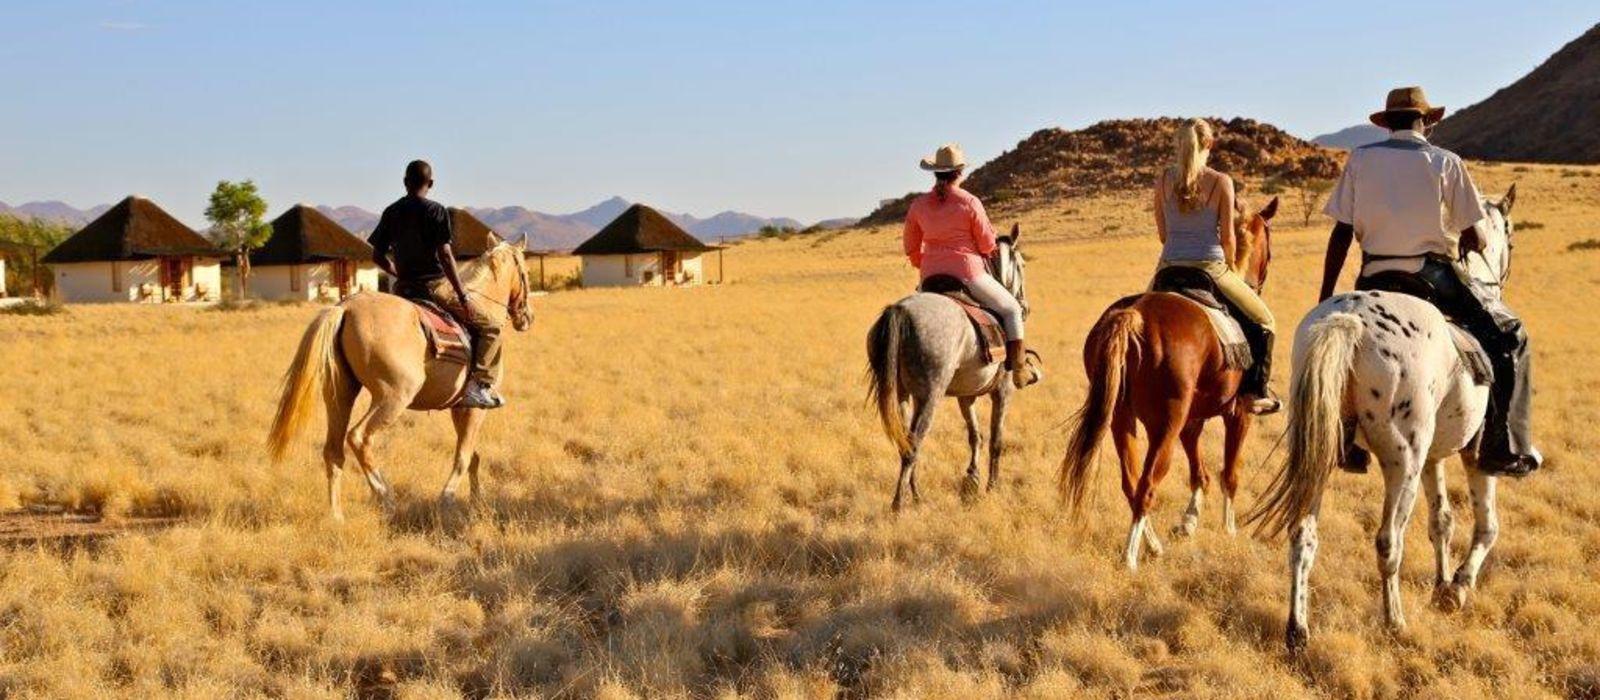 Von Sossusvlei zum Caprivi Streifen: Namibias Naturwunder Urlaub 4